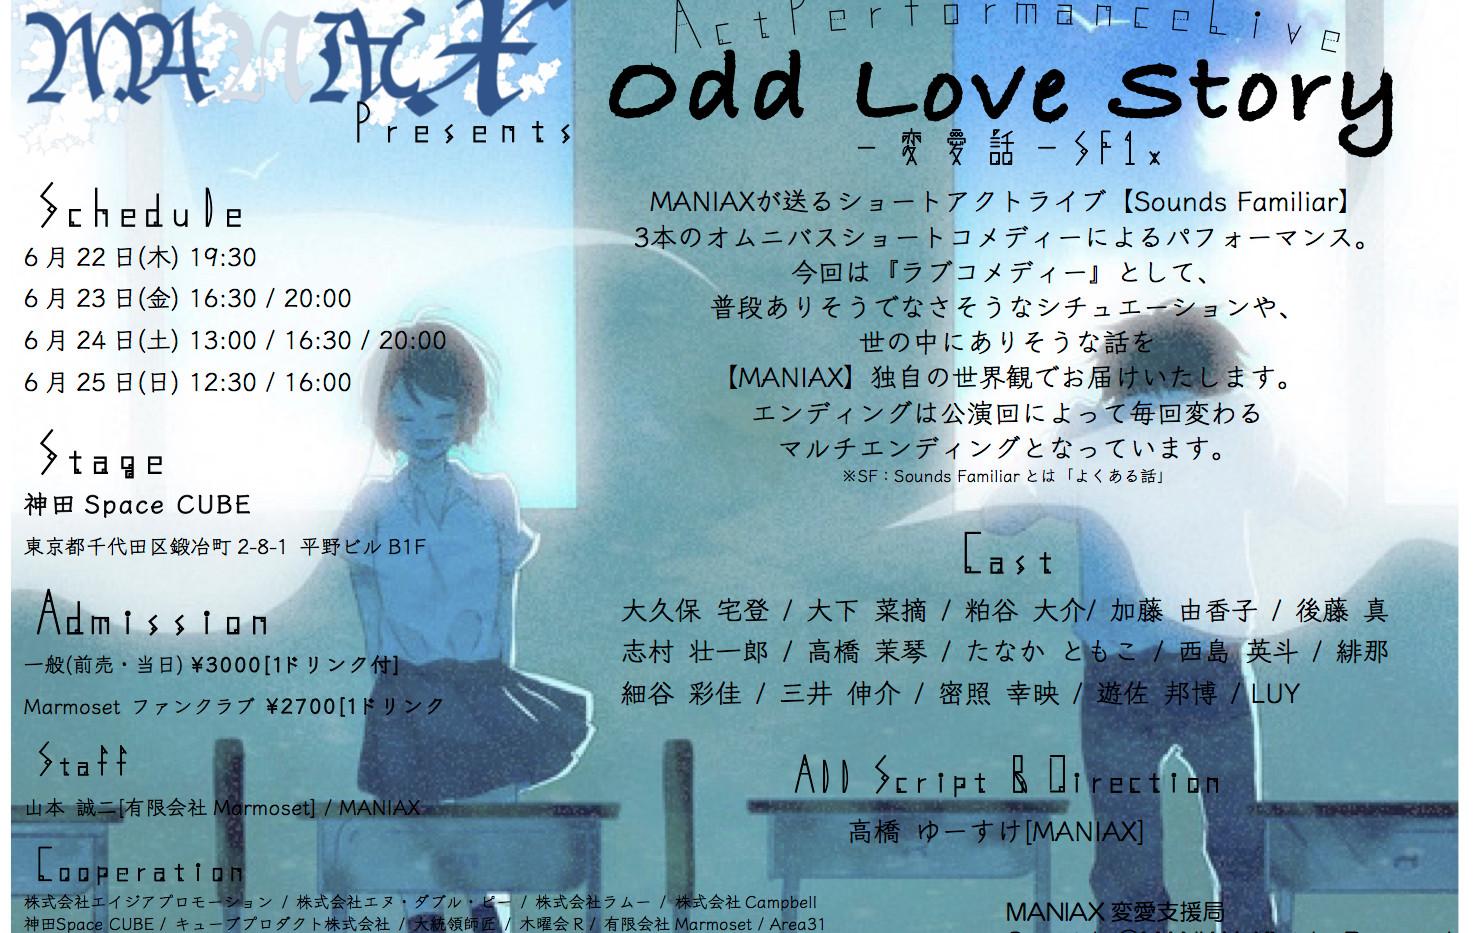 Odd Love Story -SF1x-